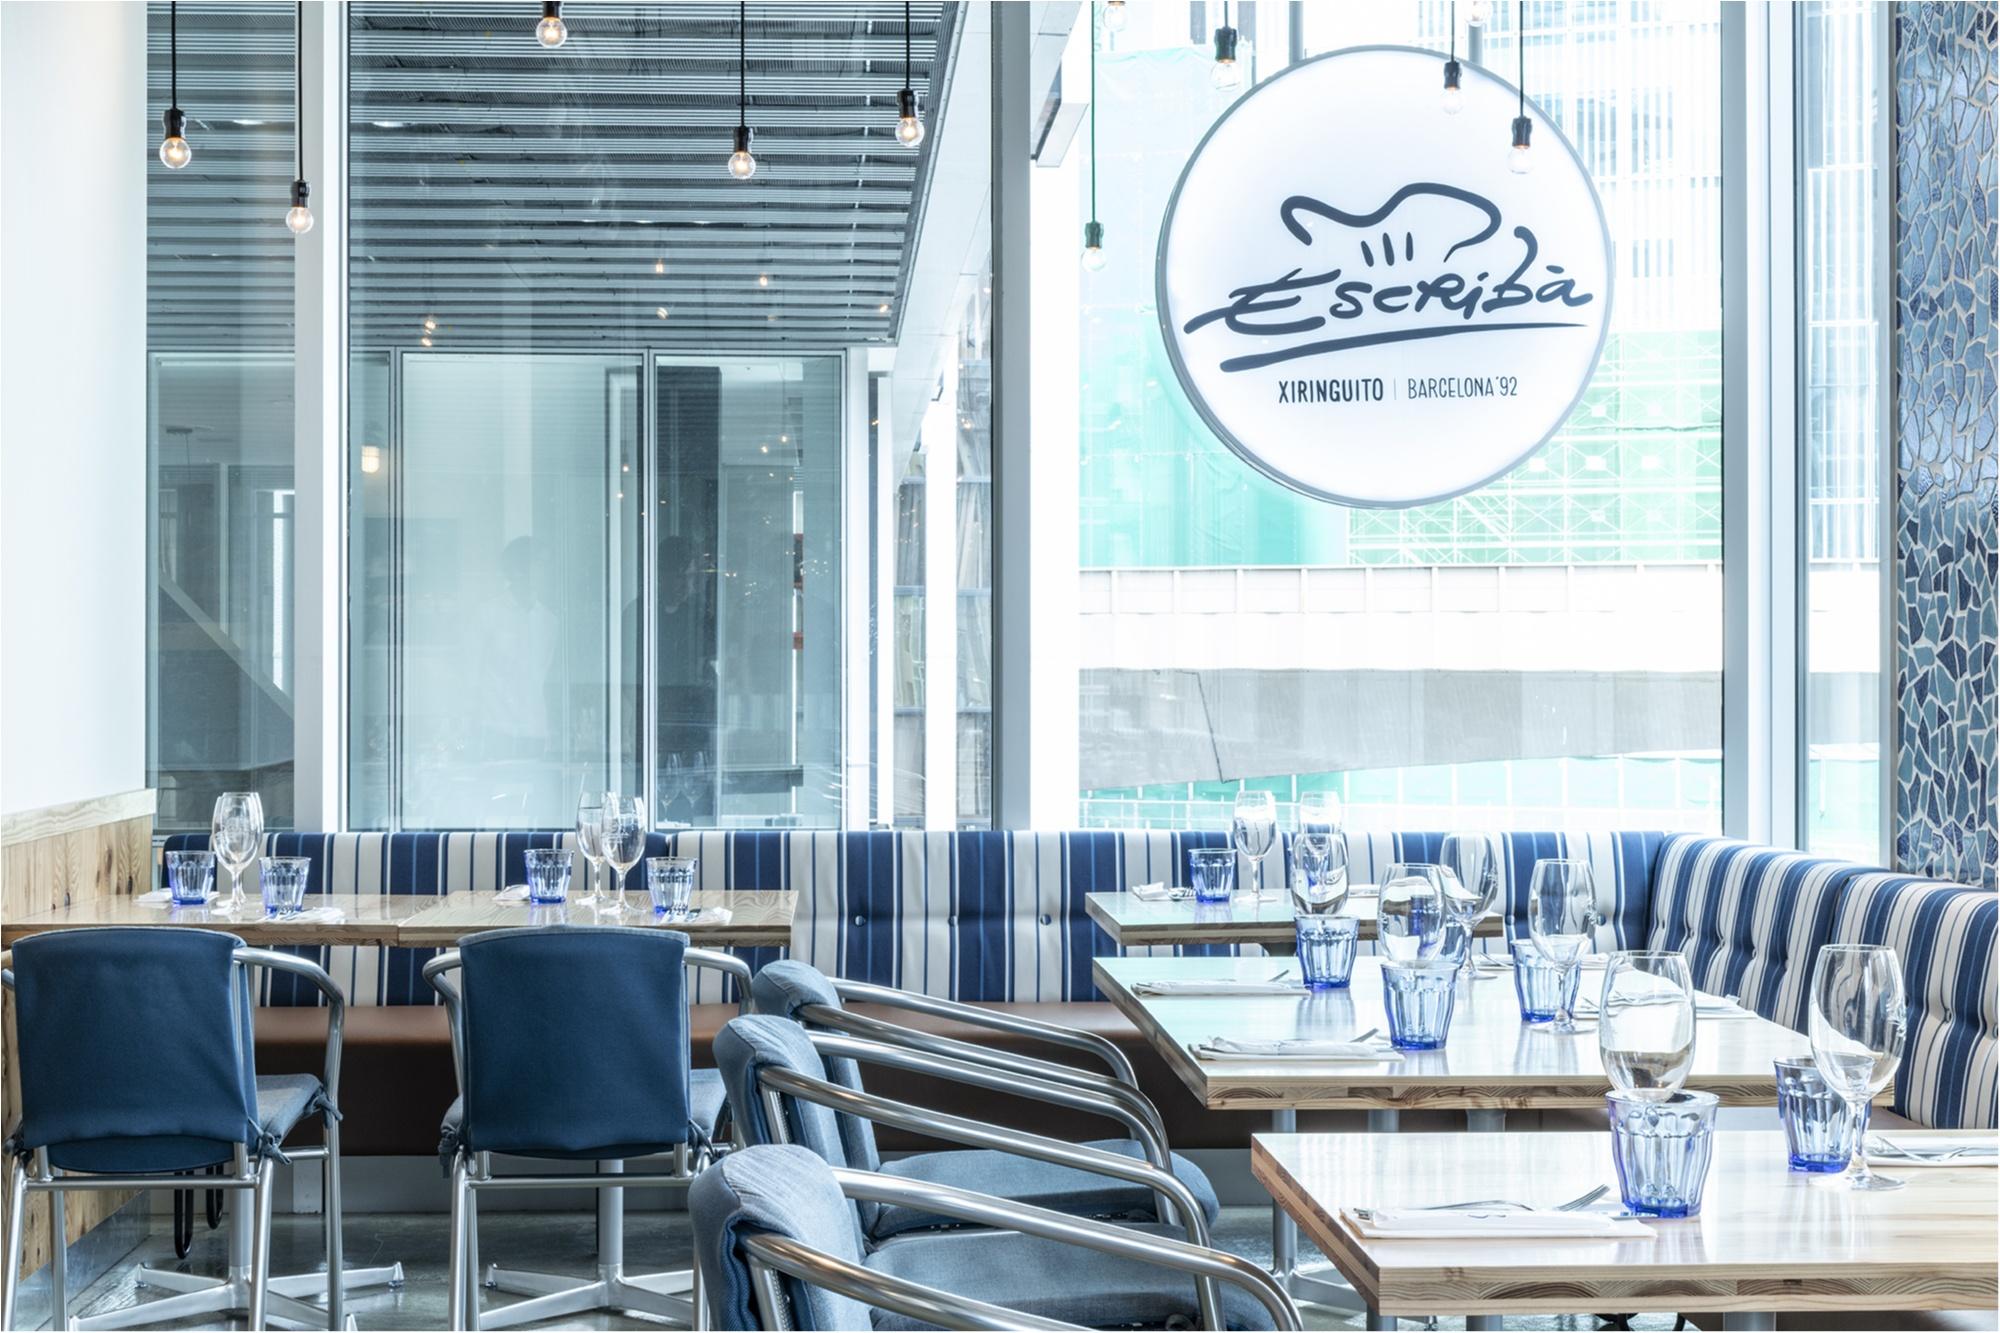 バルセロナで一番おいしいパエリアも、レモネード専門店も! 明日OPEN「渋谷ストリーム」の、MUST EAT5選♡_3_1